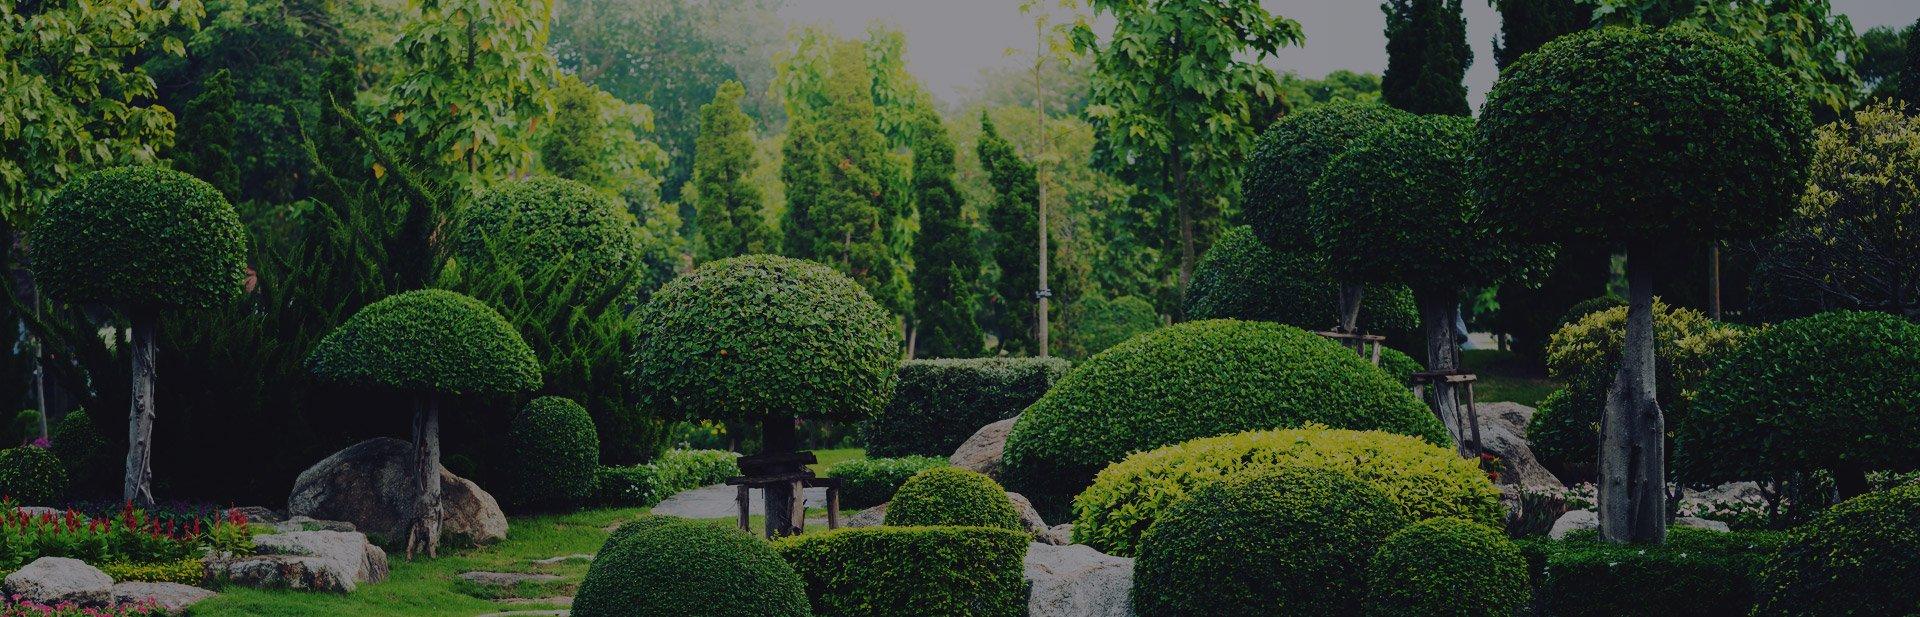 szkółka drzew ozdobnych